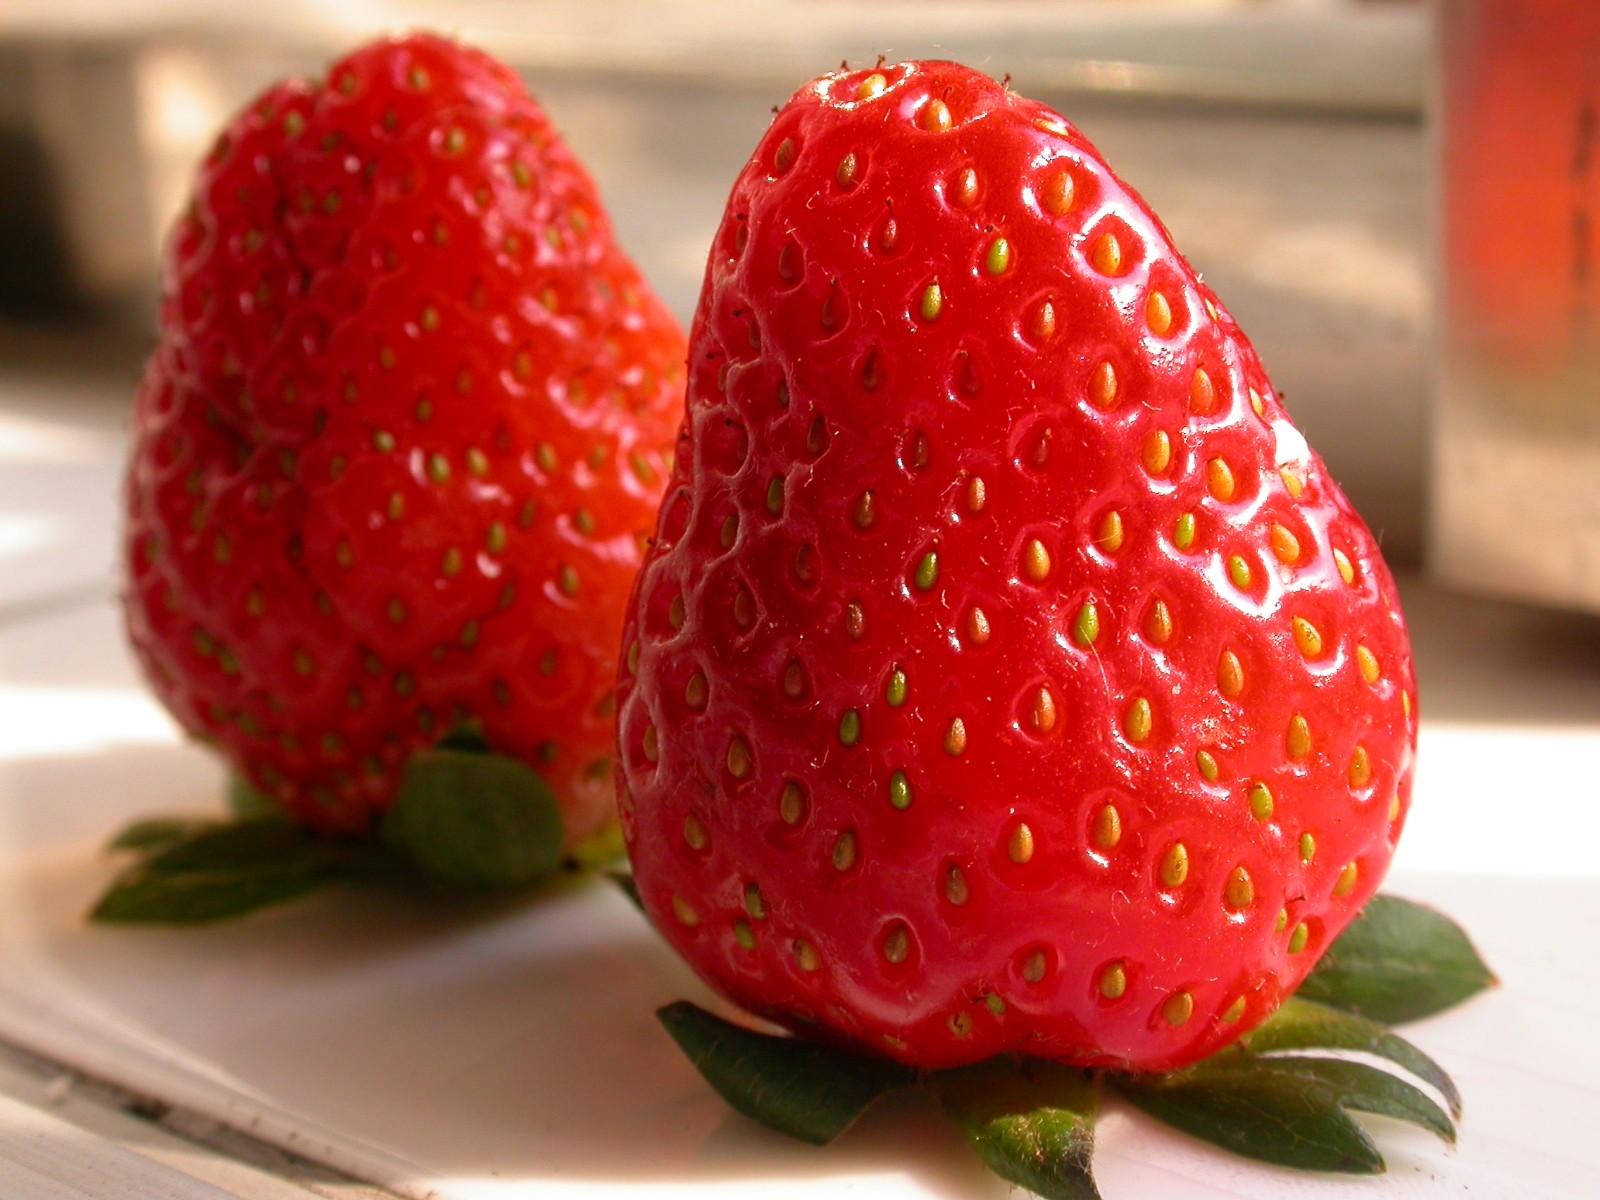 南京集思慧远客户发表—《绿色草莓个体重测序揭示全基因组范围内变异及自交不亲和候选基因分析》